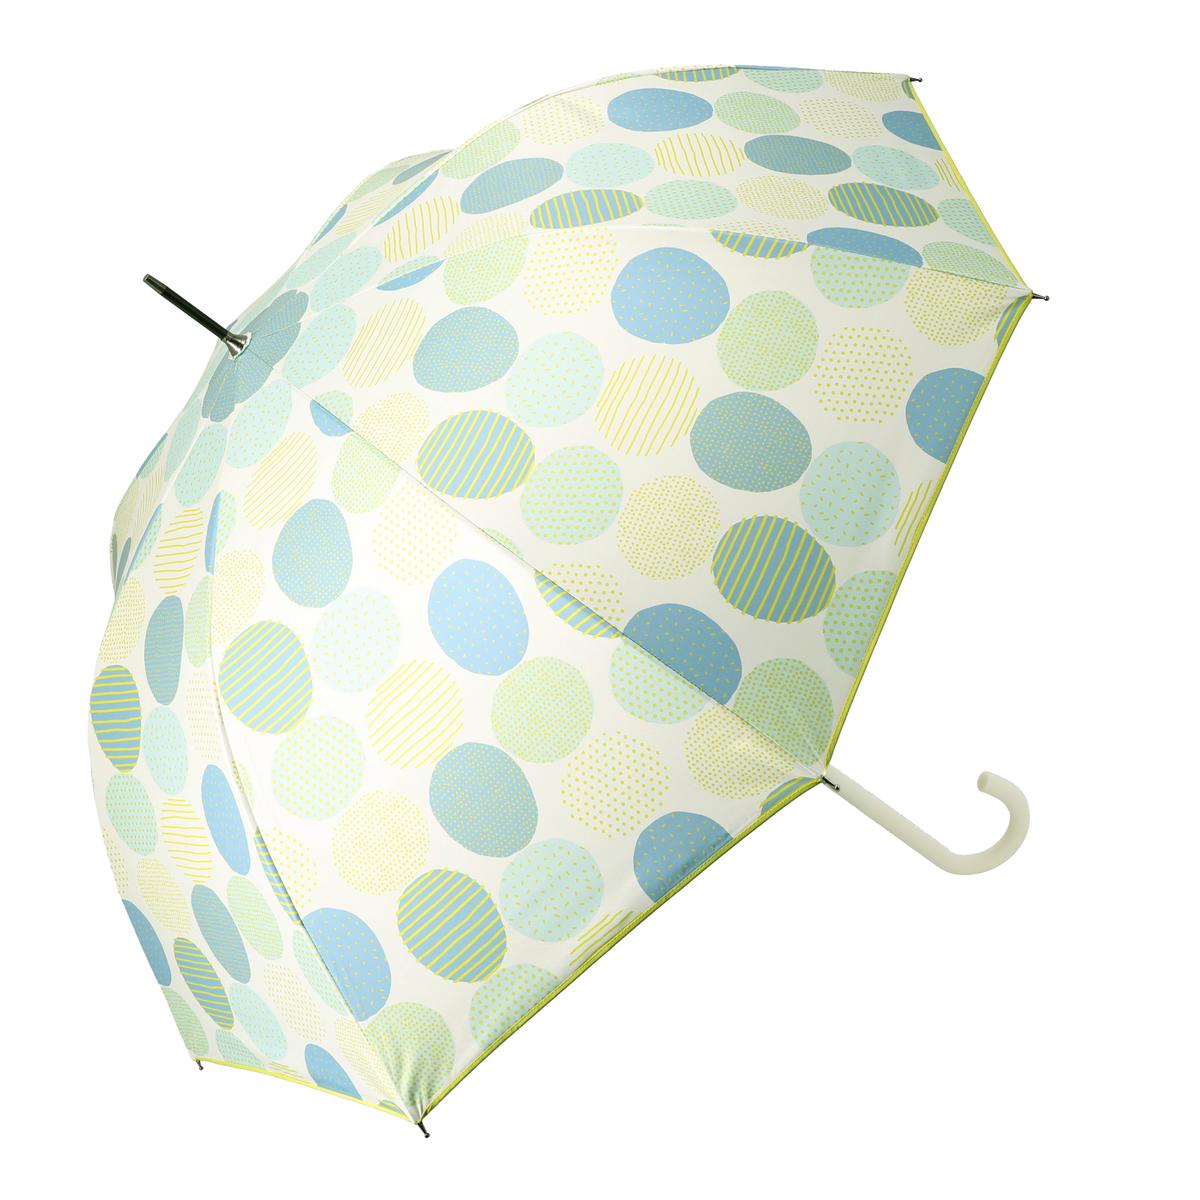 ルナジュメール UV+1級遮光+晴雨兼用キカドット柄長傘